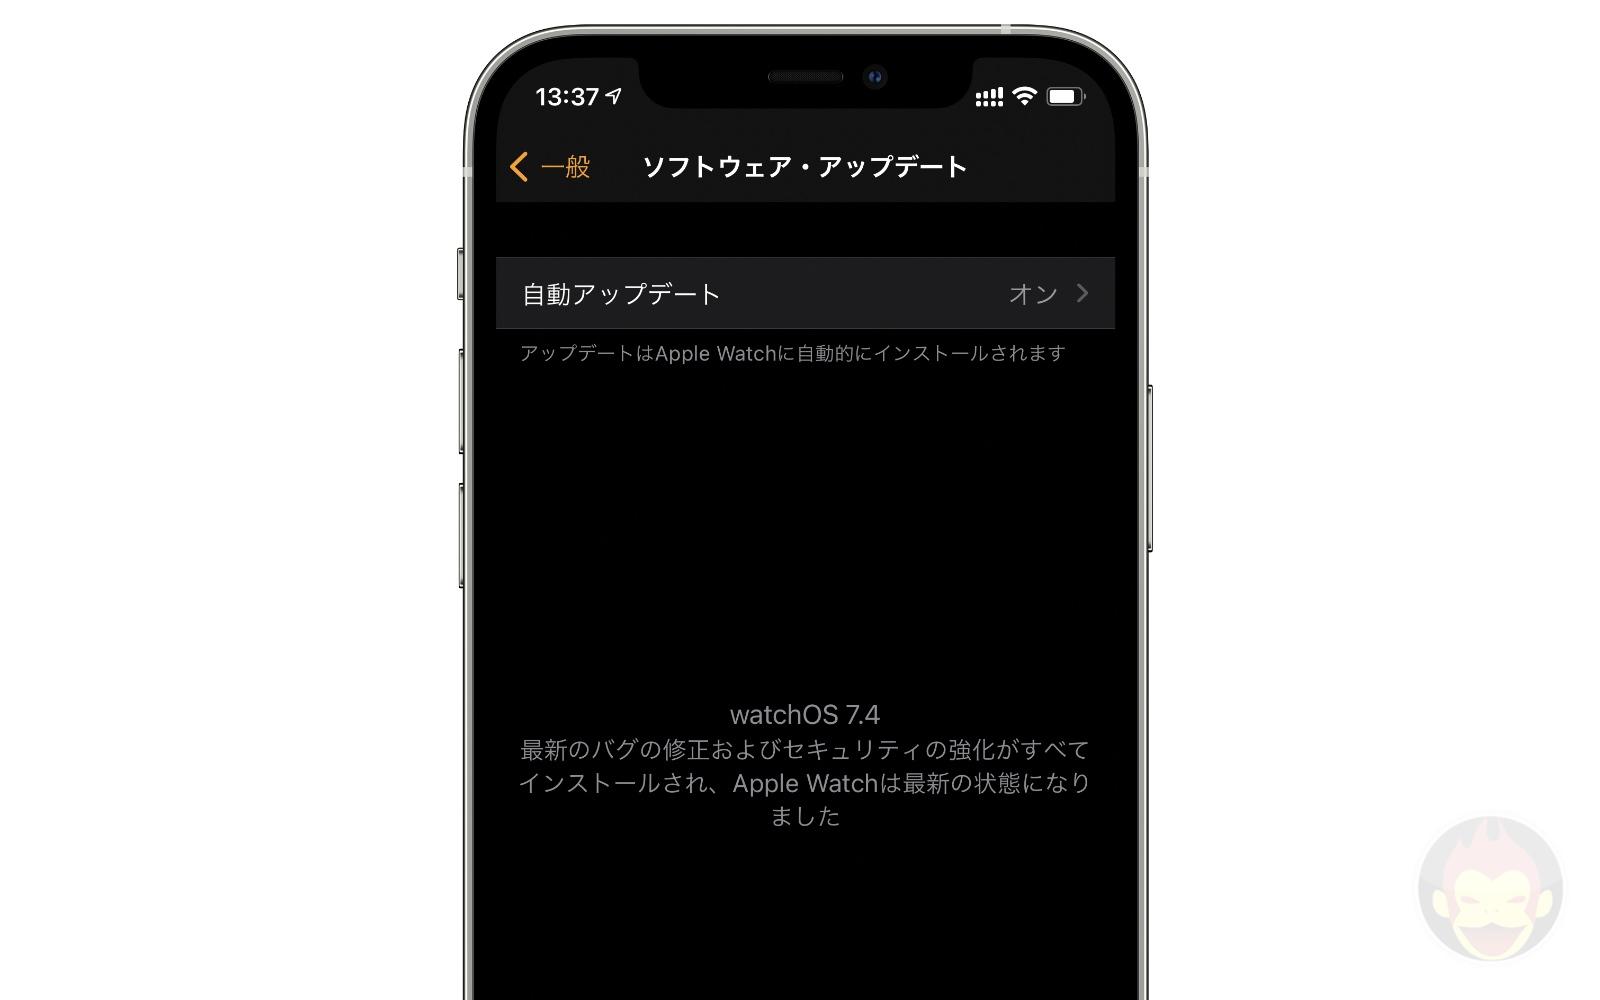 WatchOS7 4 update screen